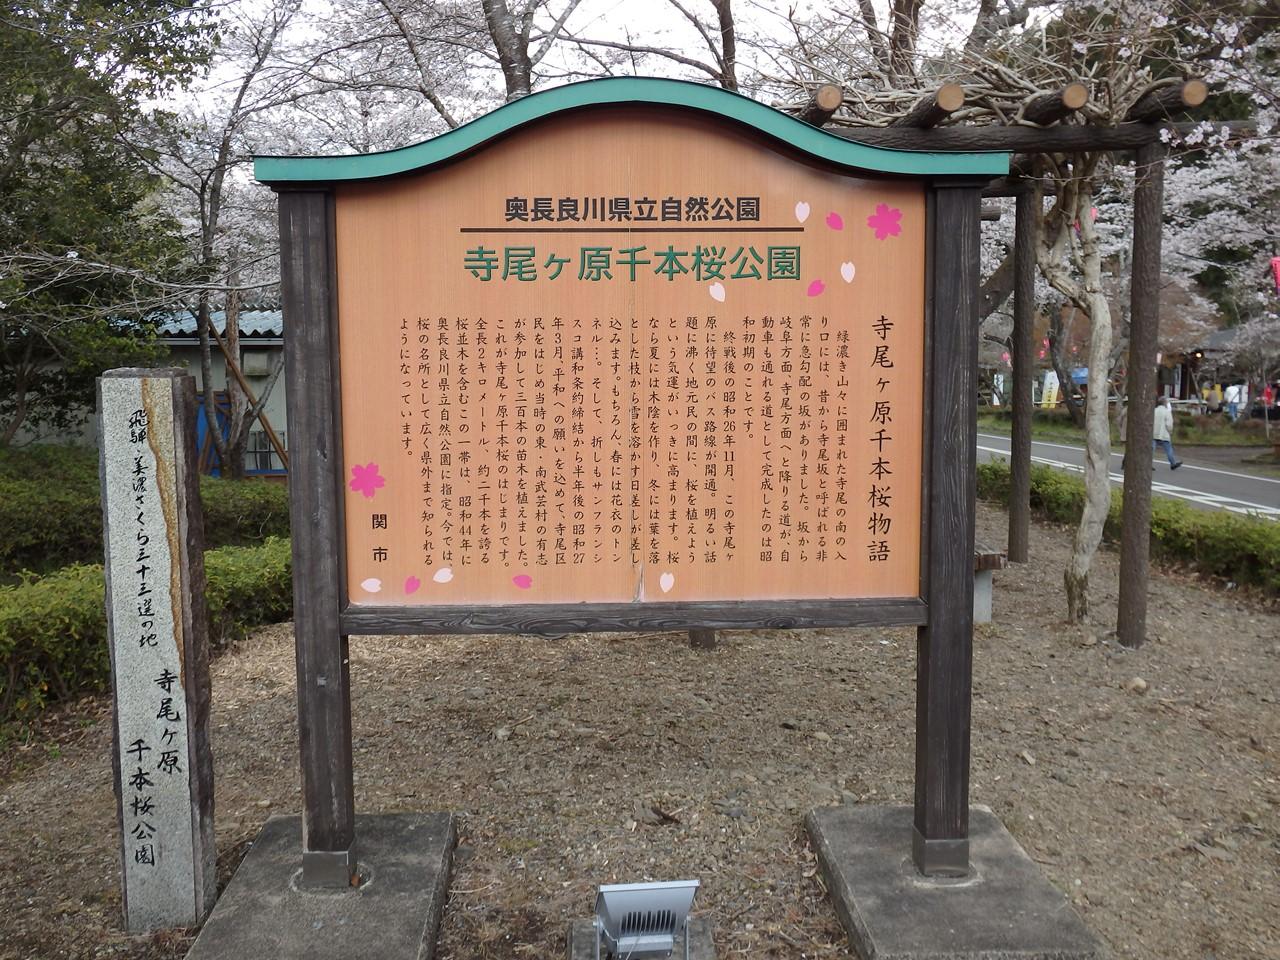 『寺尾ヶ原千本桜公園を歩いて』_d0054276_20571567.jpg